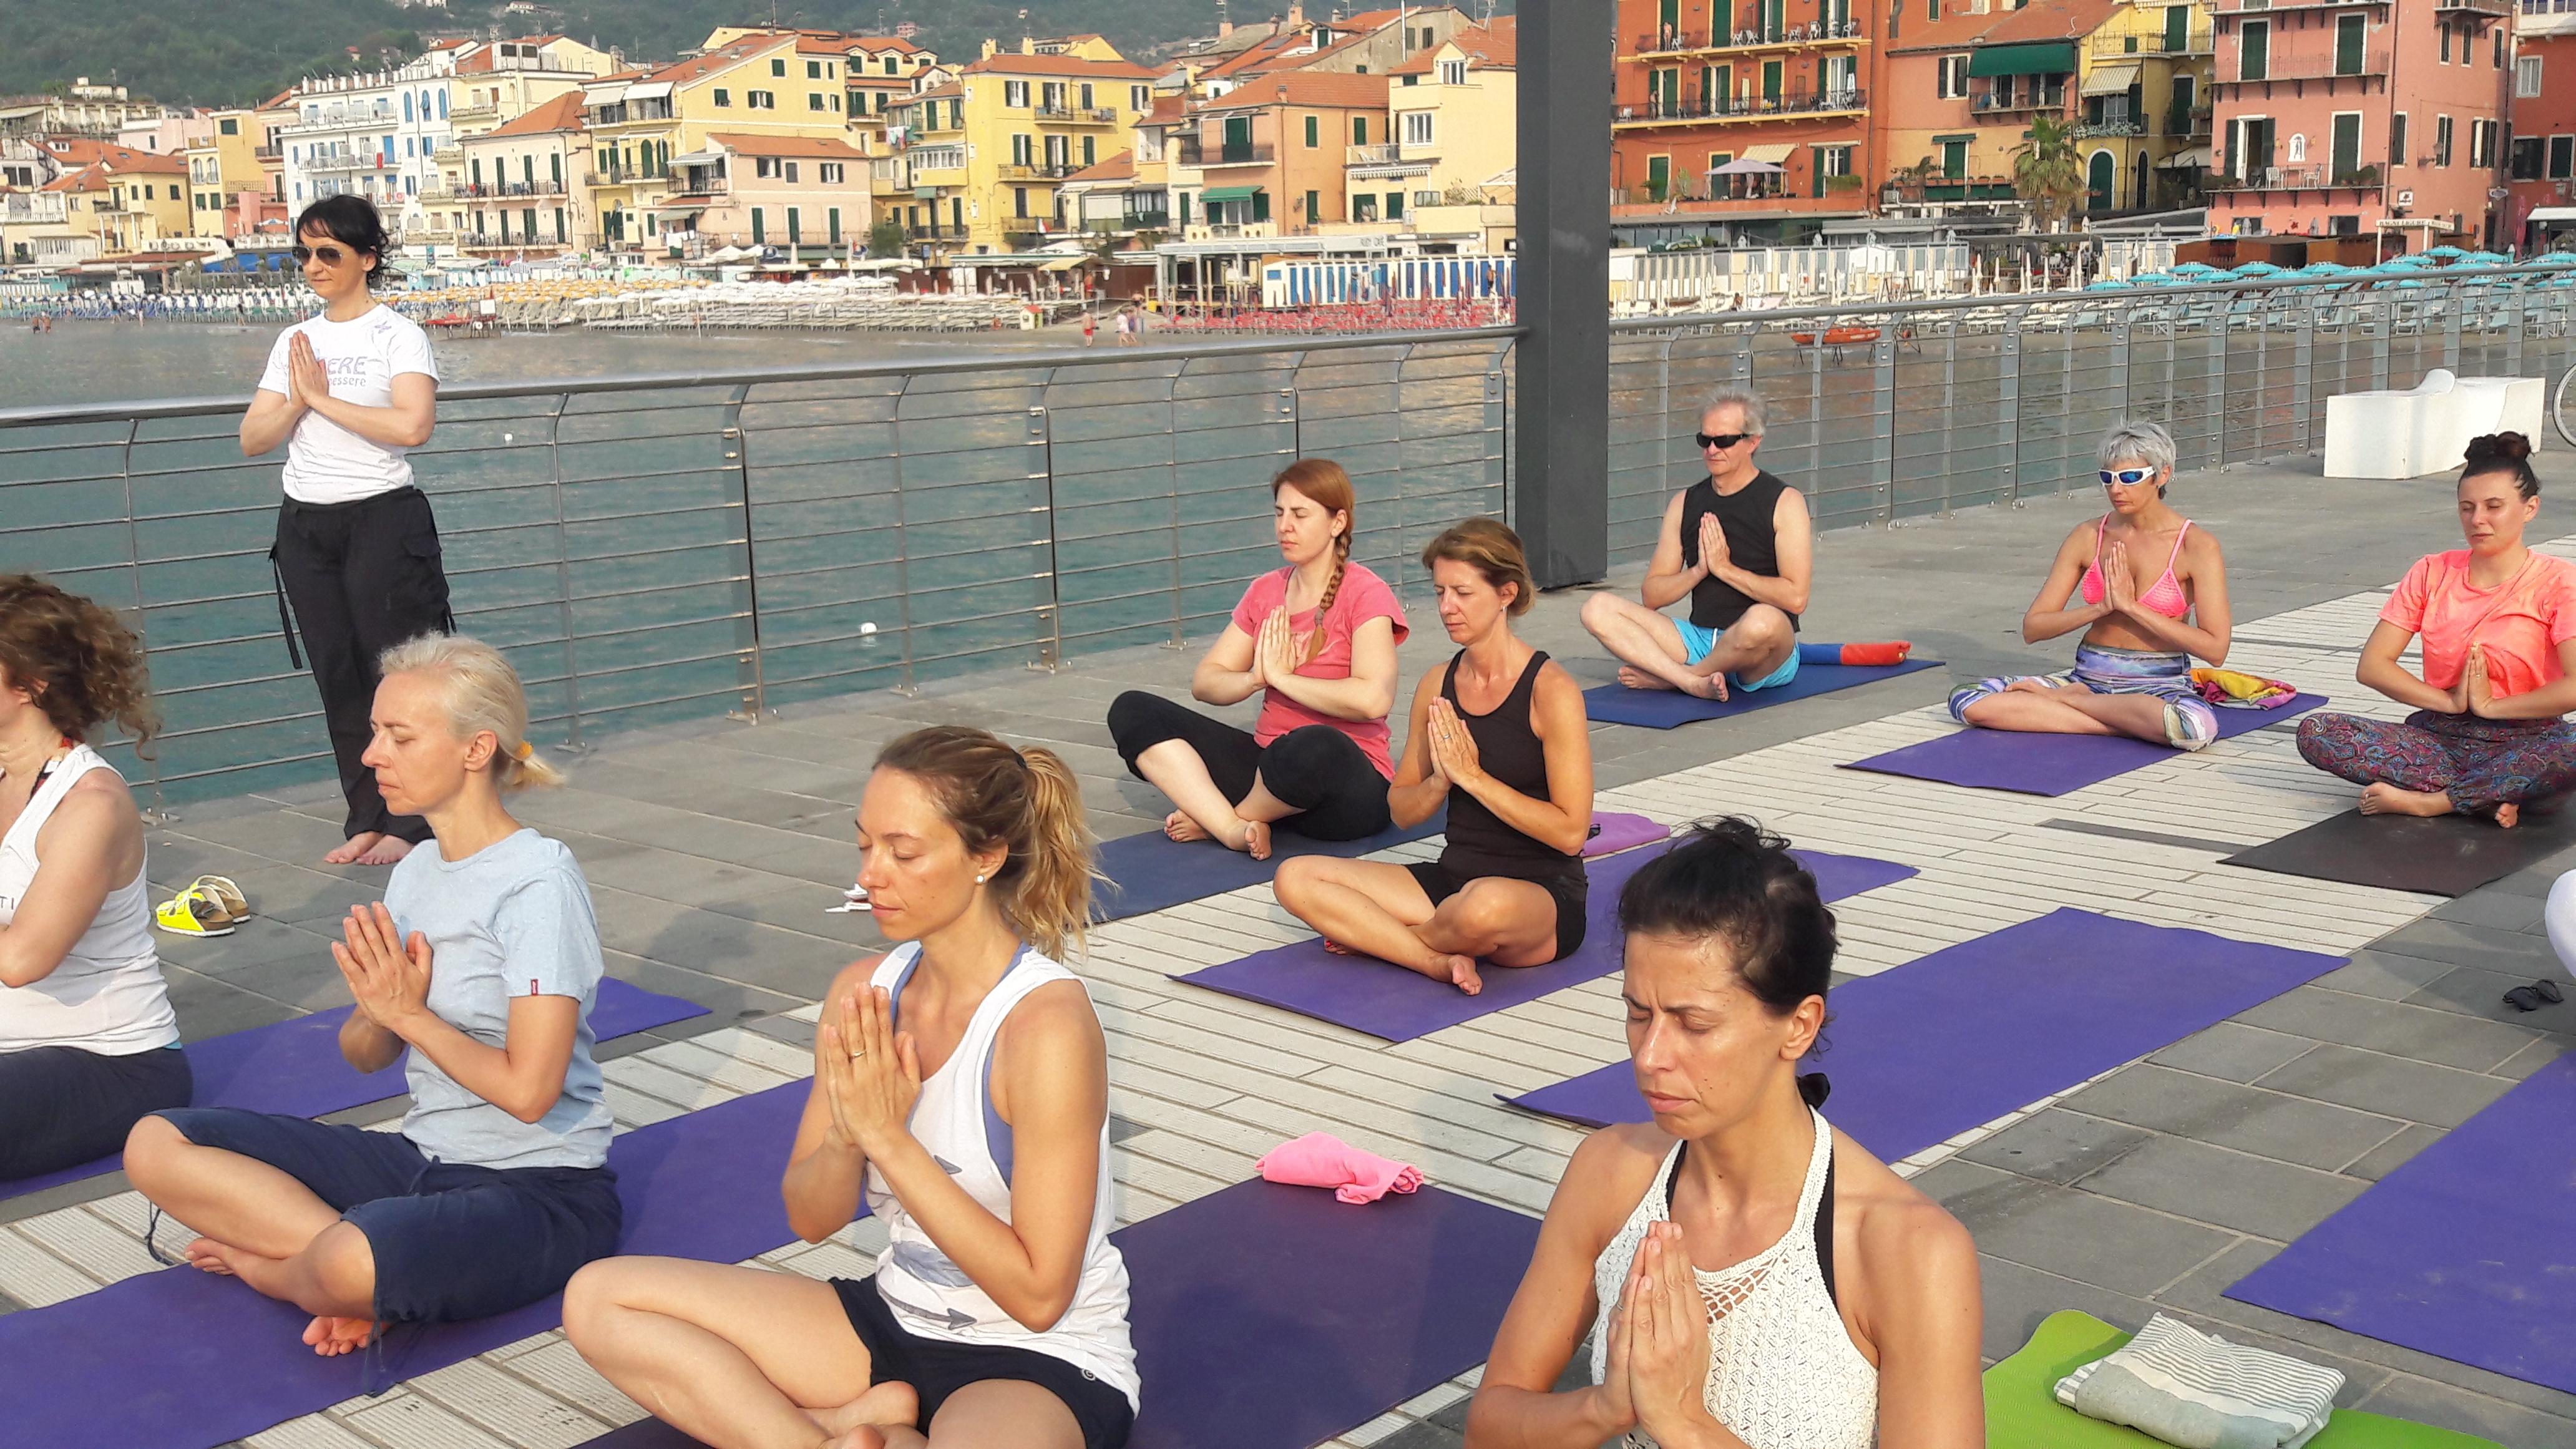 1_essere-free-yoga-gratuito-benessere-per-tutti-village-citta-alassio-estate-lucia-ragazzi-summer-town-wellness-014